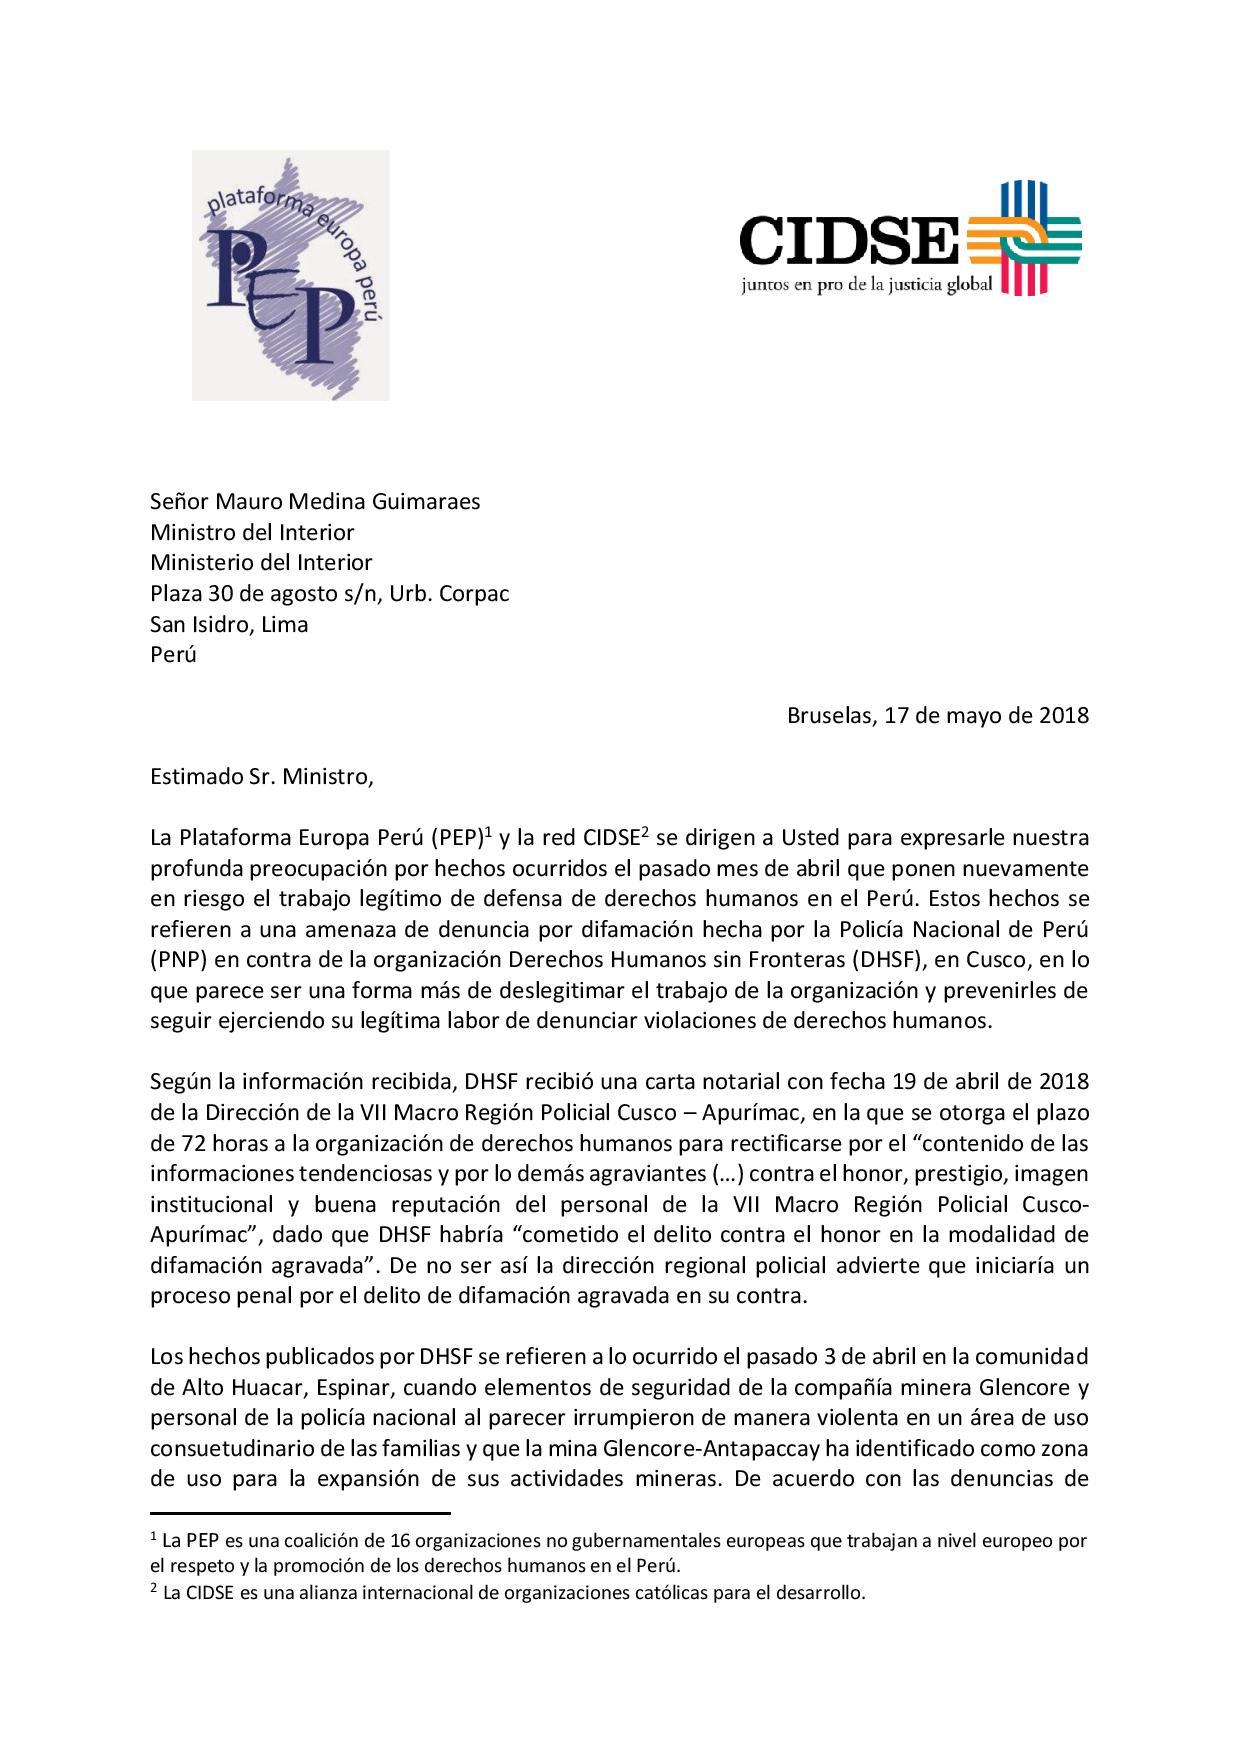 Carta pública Ministro del Interior sobre organización DHSF PEP_CIDSE (2)-page-001